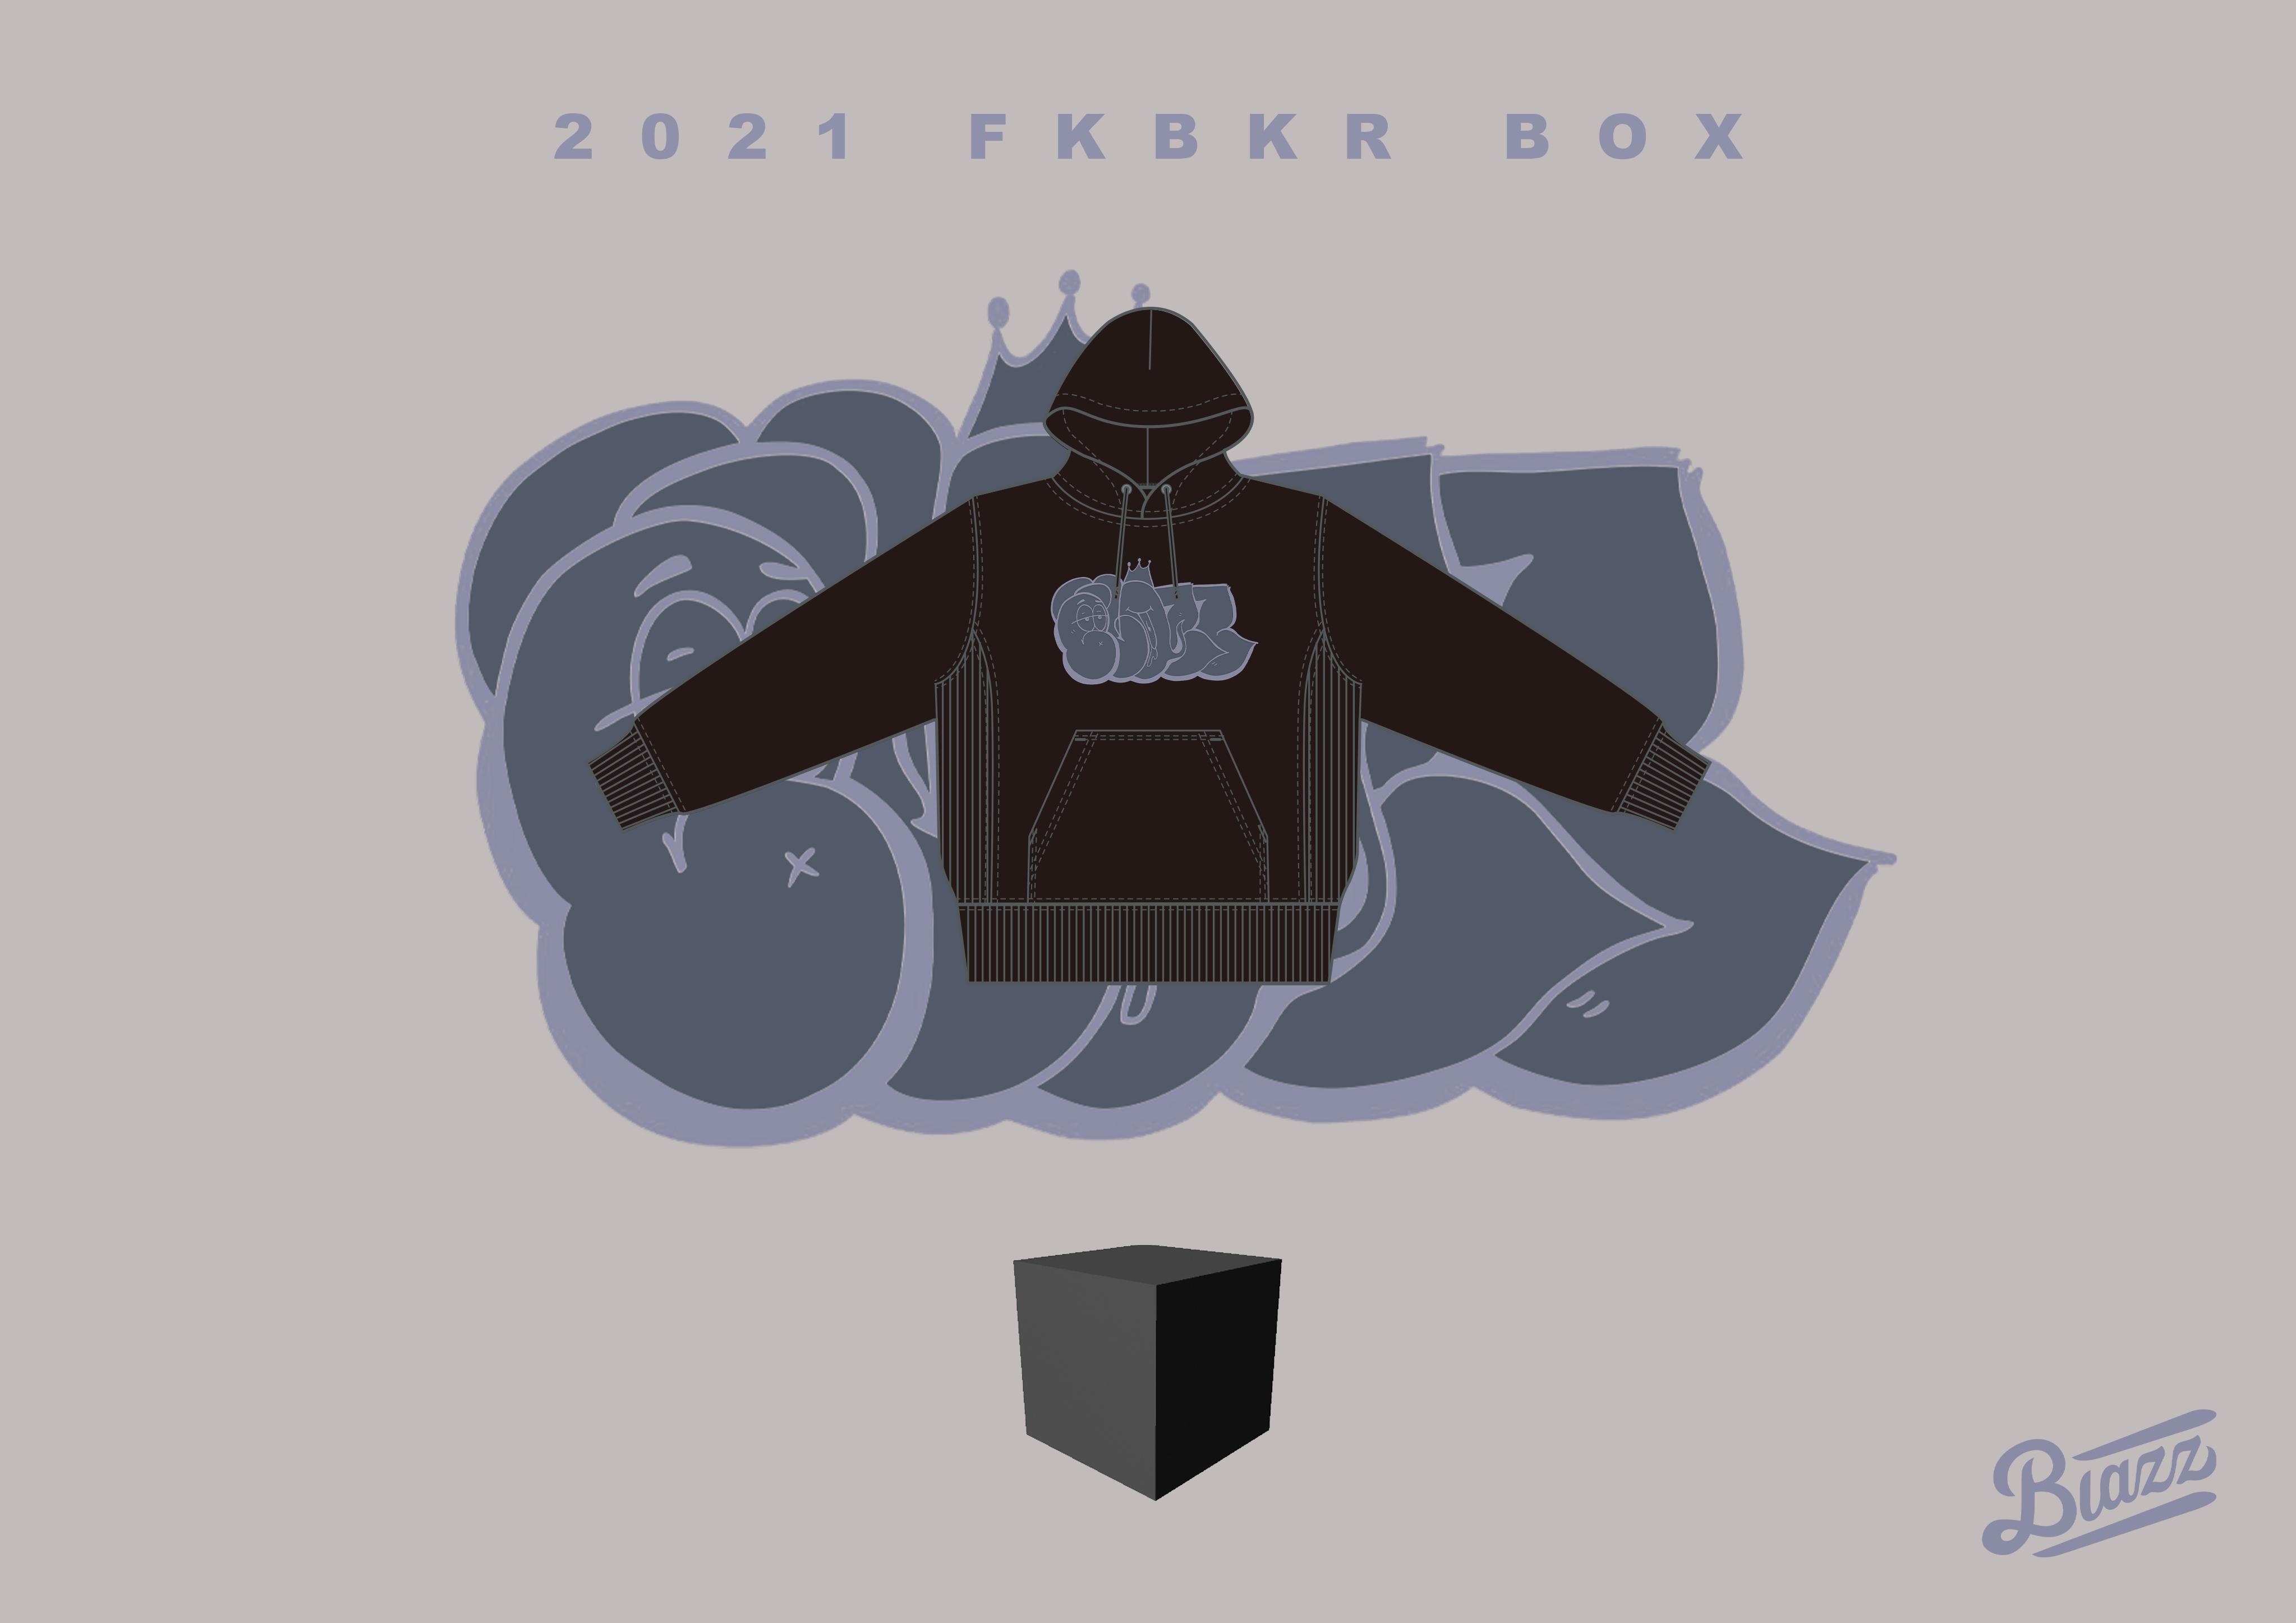 2021 FKBKR BOX GOLD